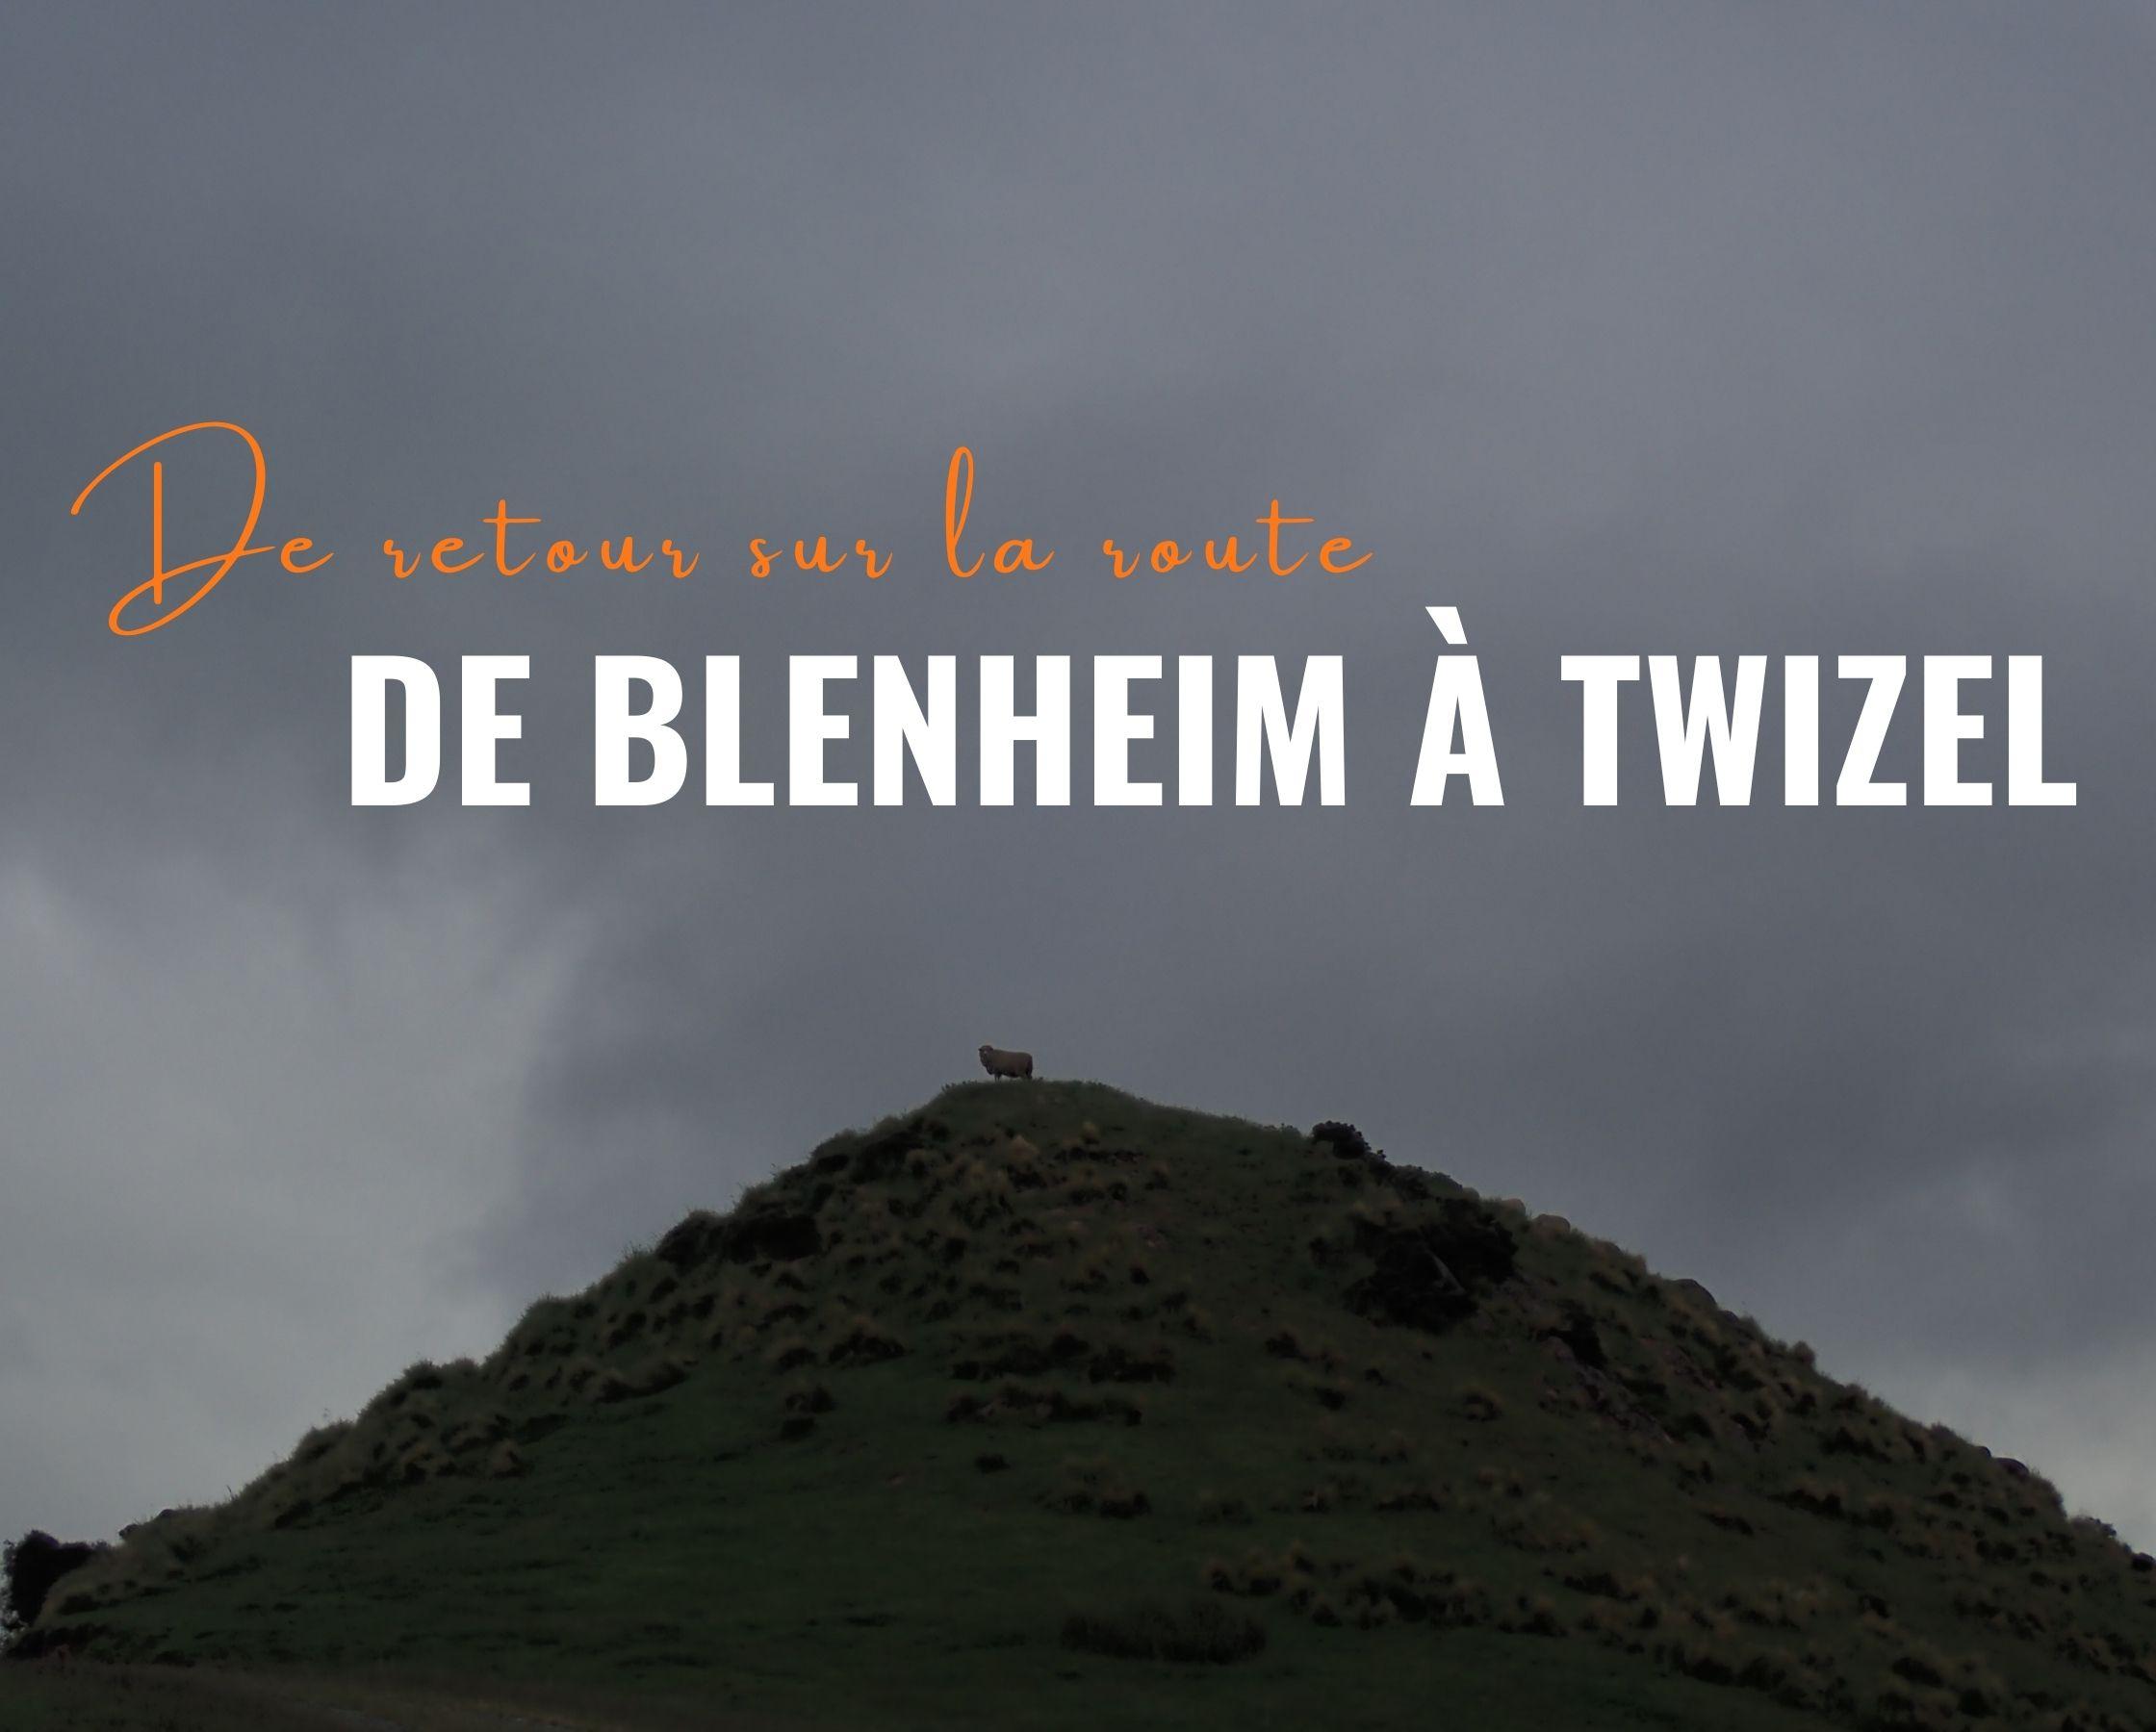 De Blenheim à Twizel : de retour sur la route